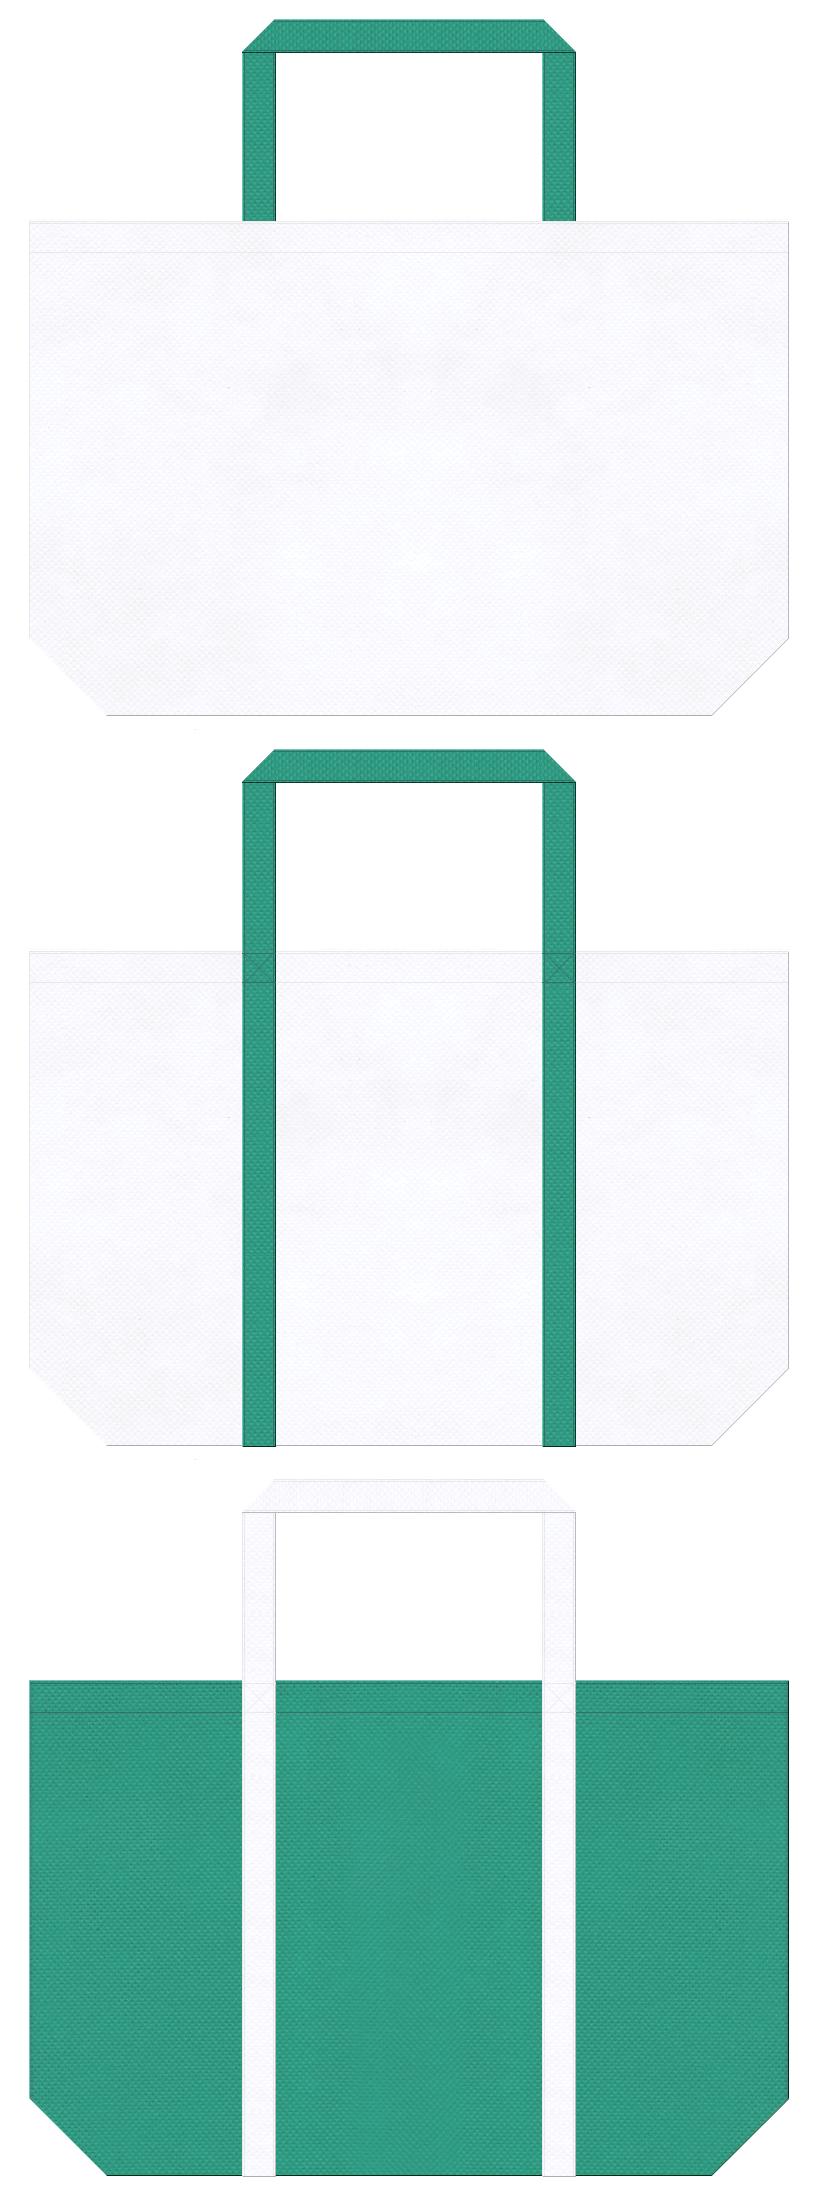 バイオ・薬学部・理学部・工学部・歯学部・学校・学園・オープンキャンパス・スポーツイベント・青信号・文具・石鹸・洗剤・入浴剤・バス用品・お掃除用品・家庭用品・福祉施設・介護施設・医療機器の展示会用バッグにお奨めの不織布バッグデザイン:白色と青緑色のコーデ